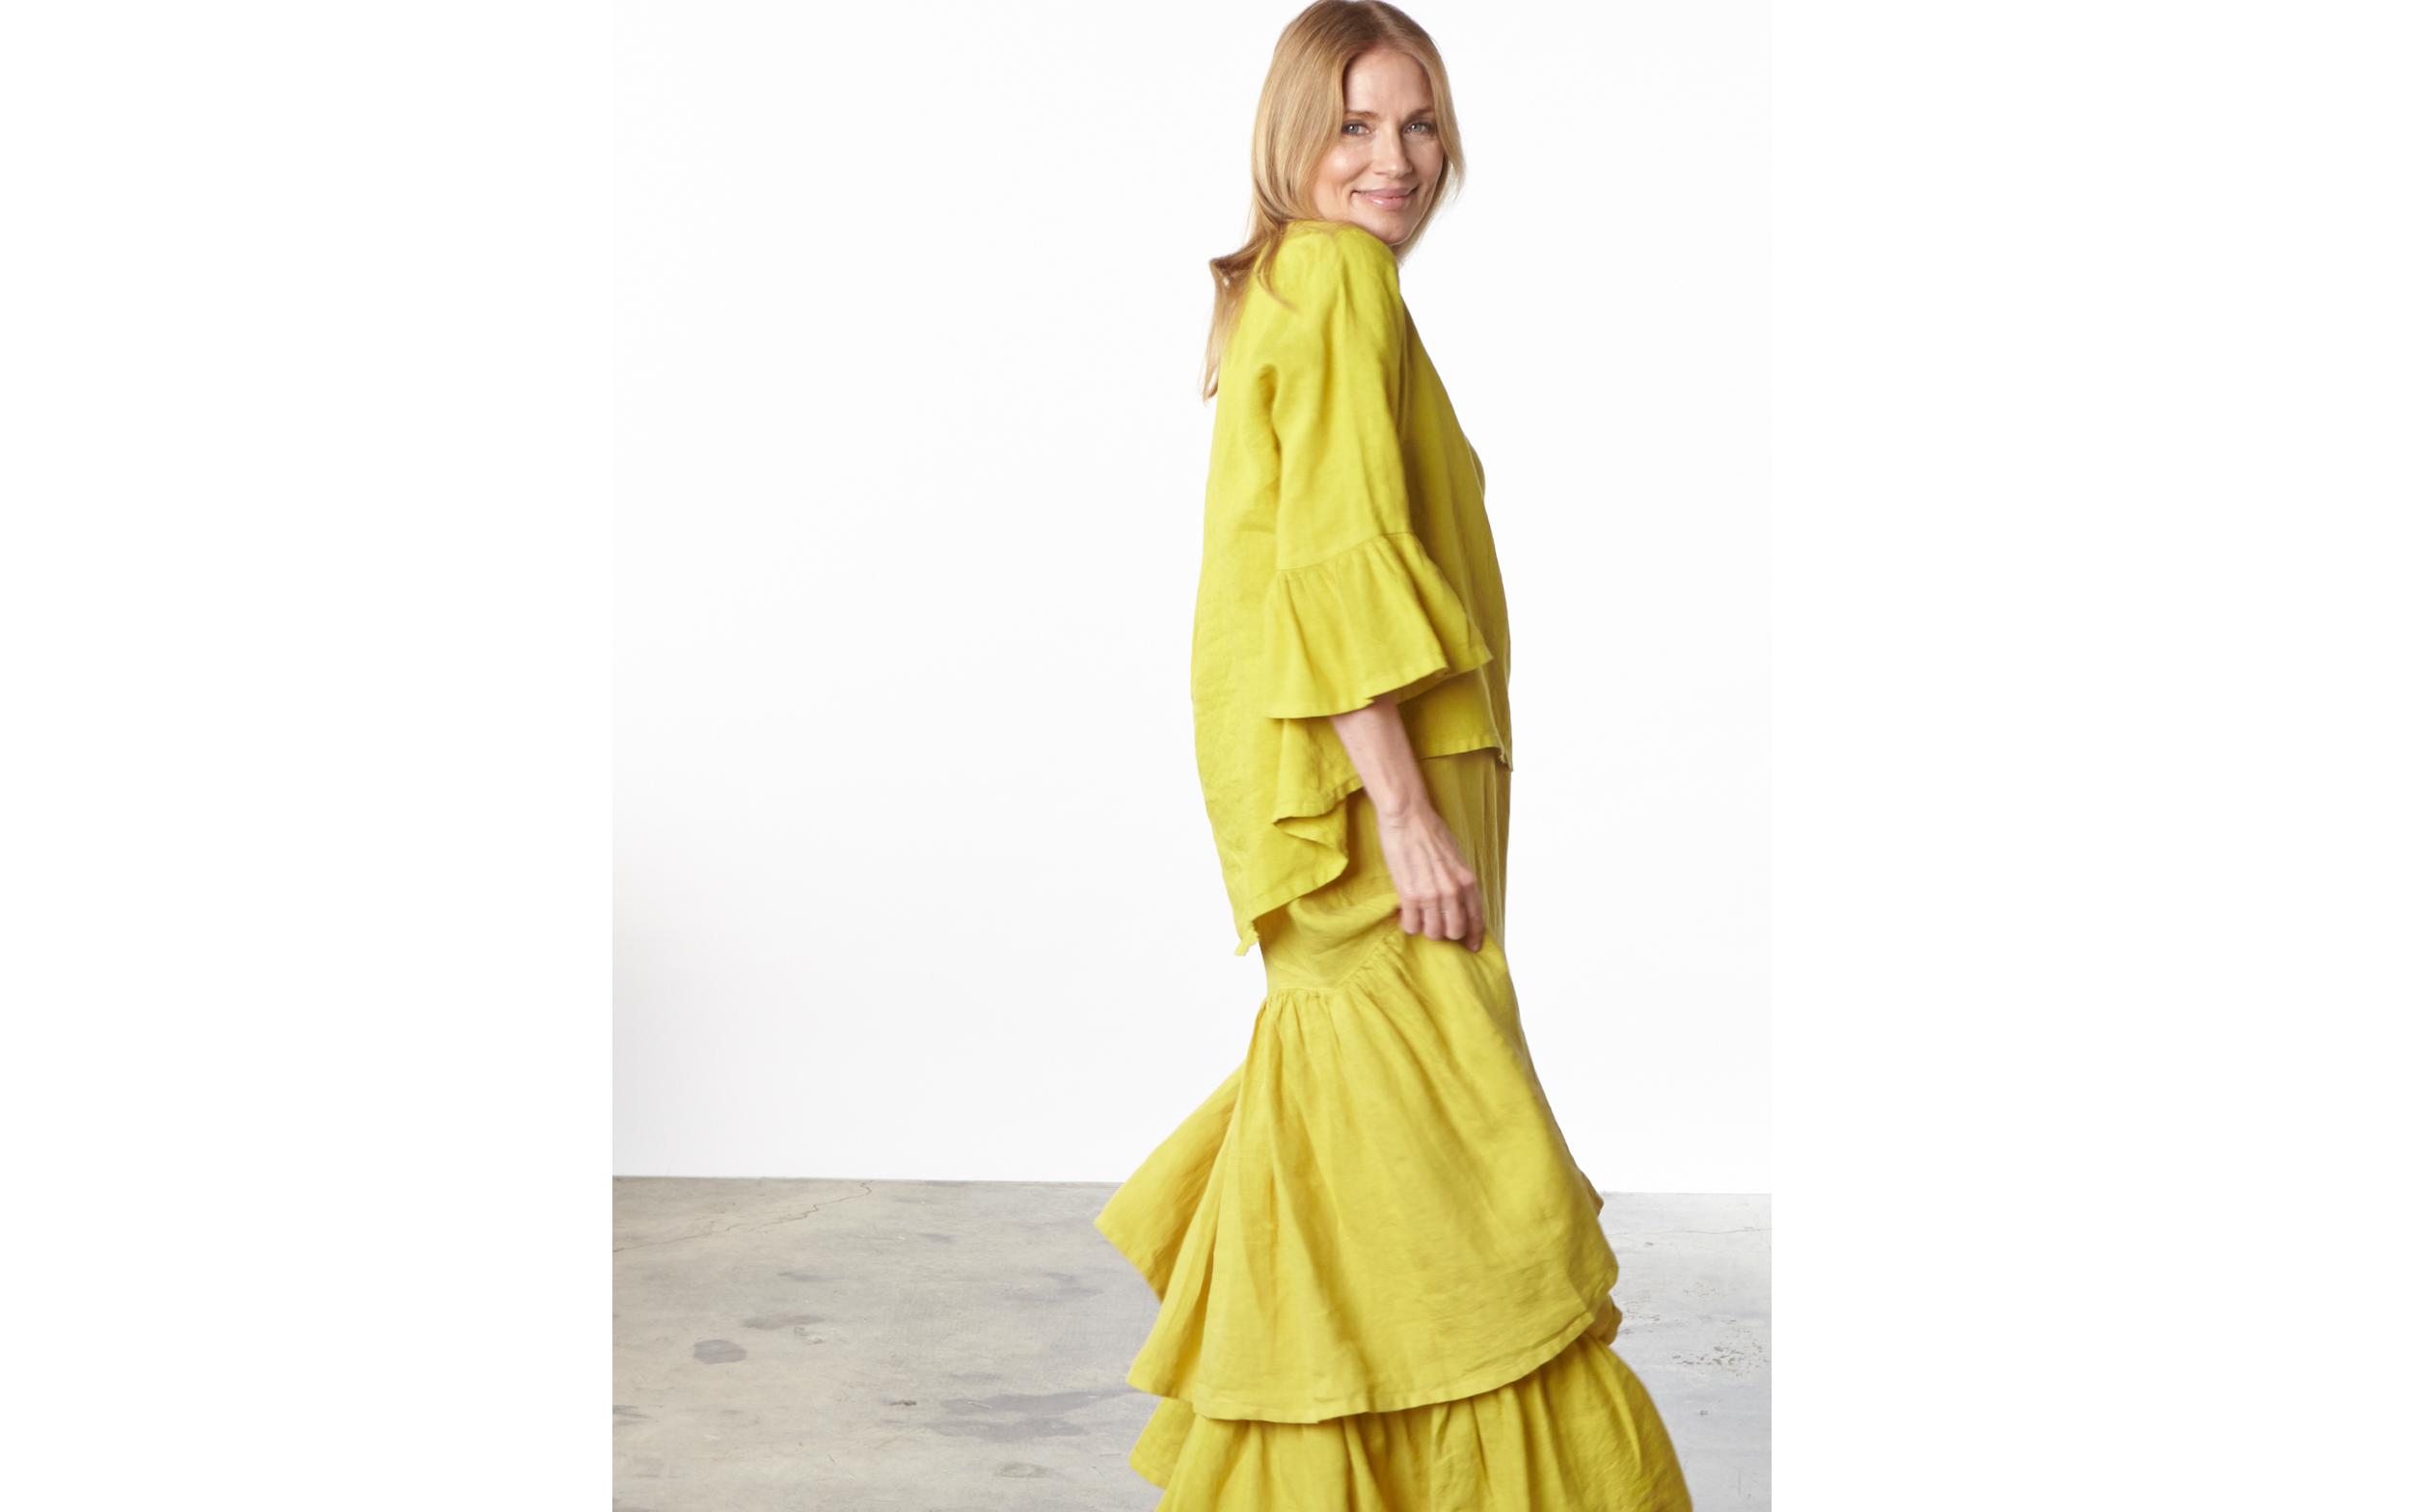 Fran Shirt, Salome Dress, Ruffle Skirt in Oriole Light Linen